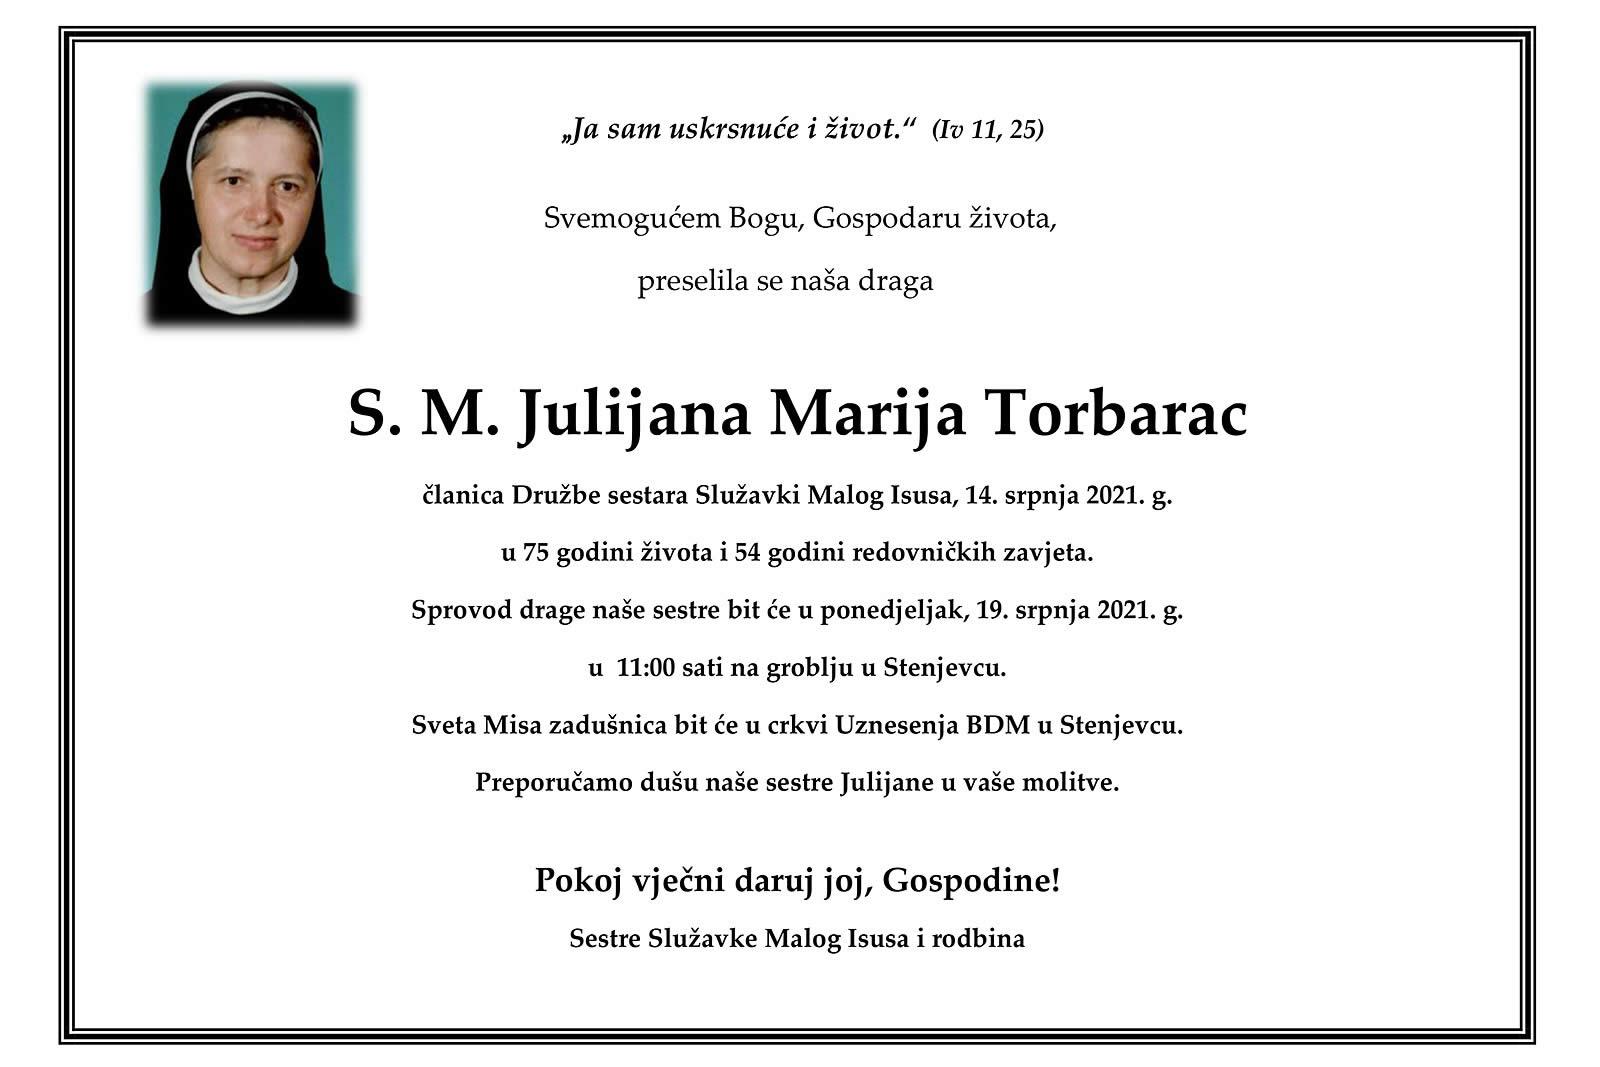 Sm-julijana-marija-torbarac-17072021